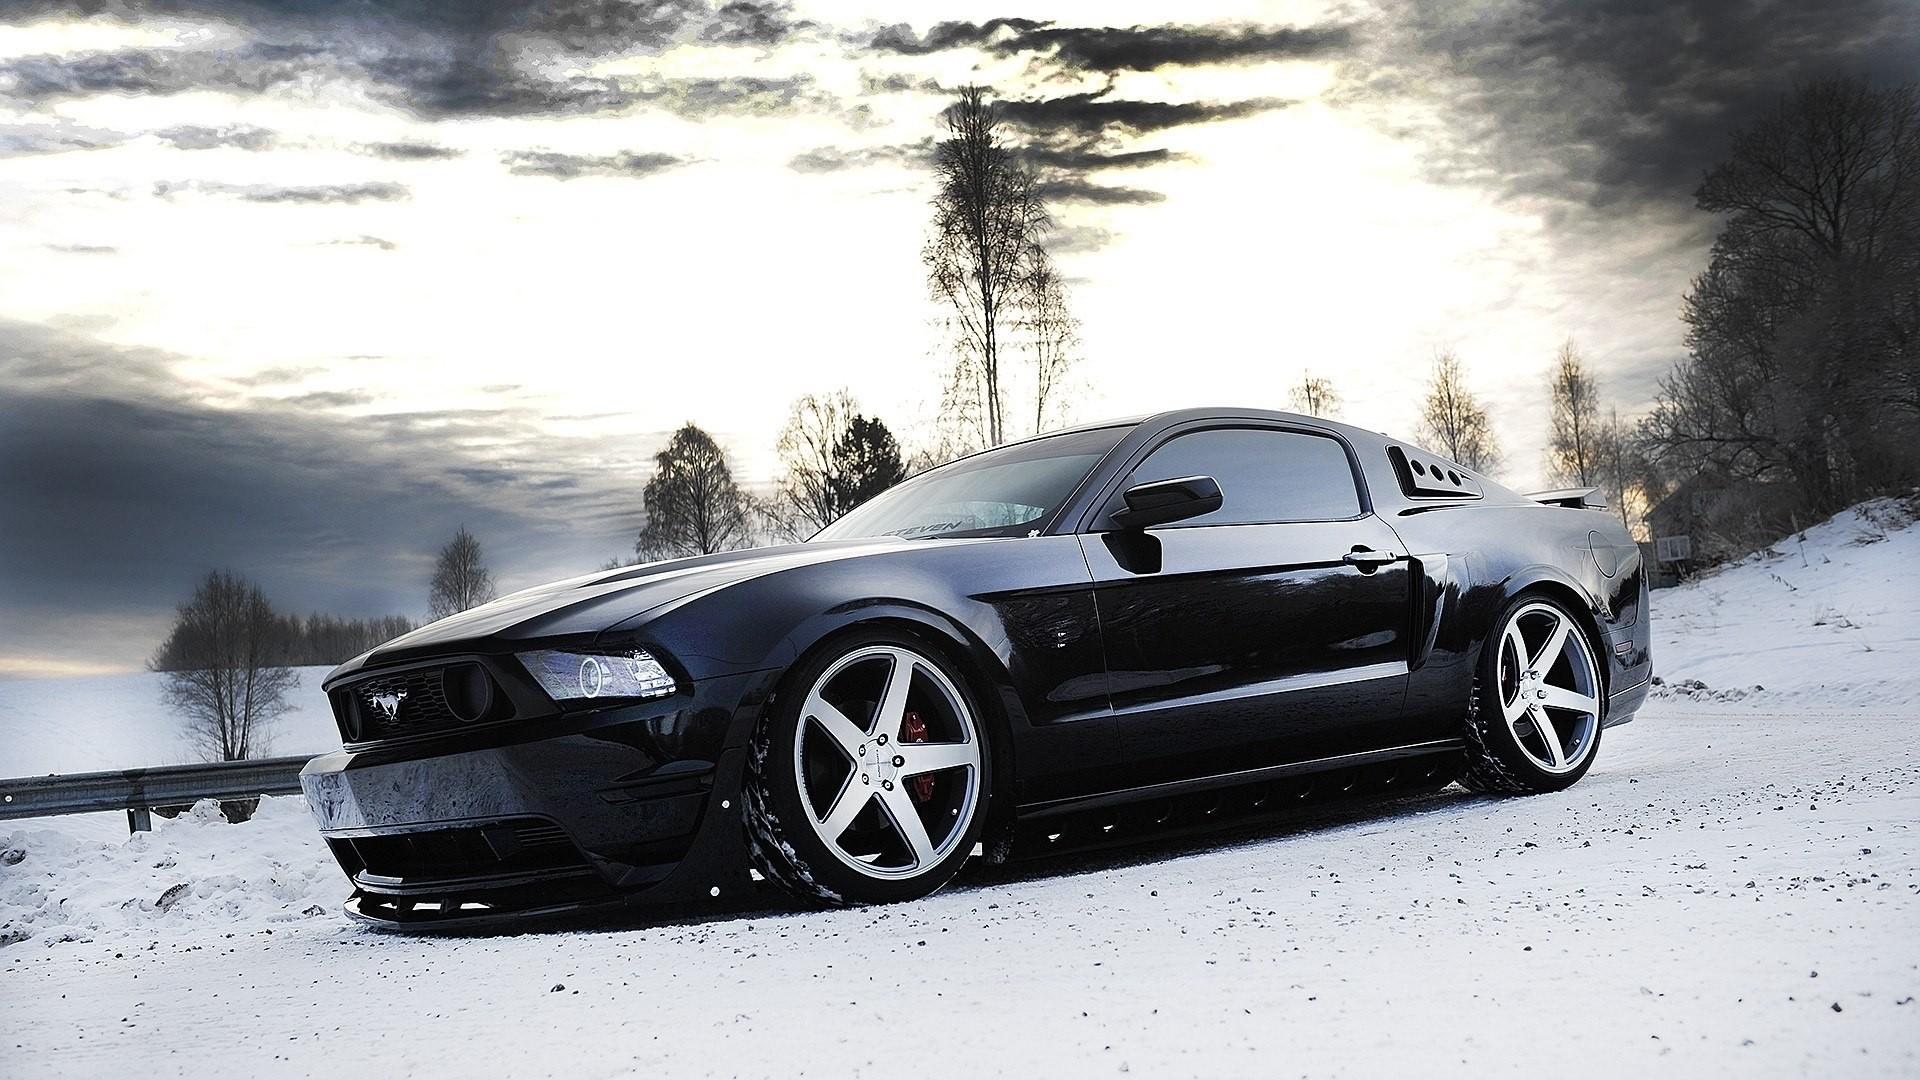 Mustang HD Wallpaper High Quality | PixelsTalk Net